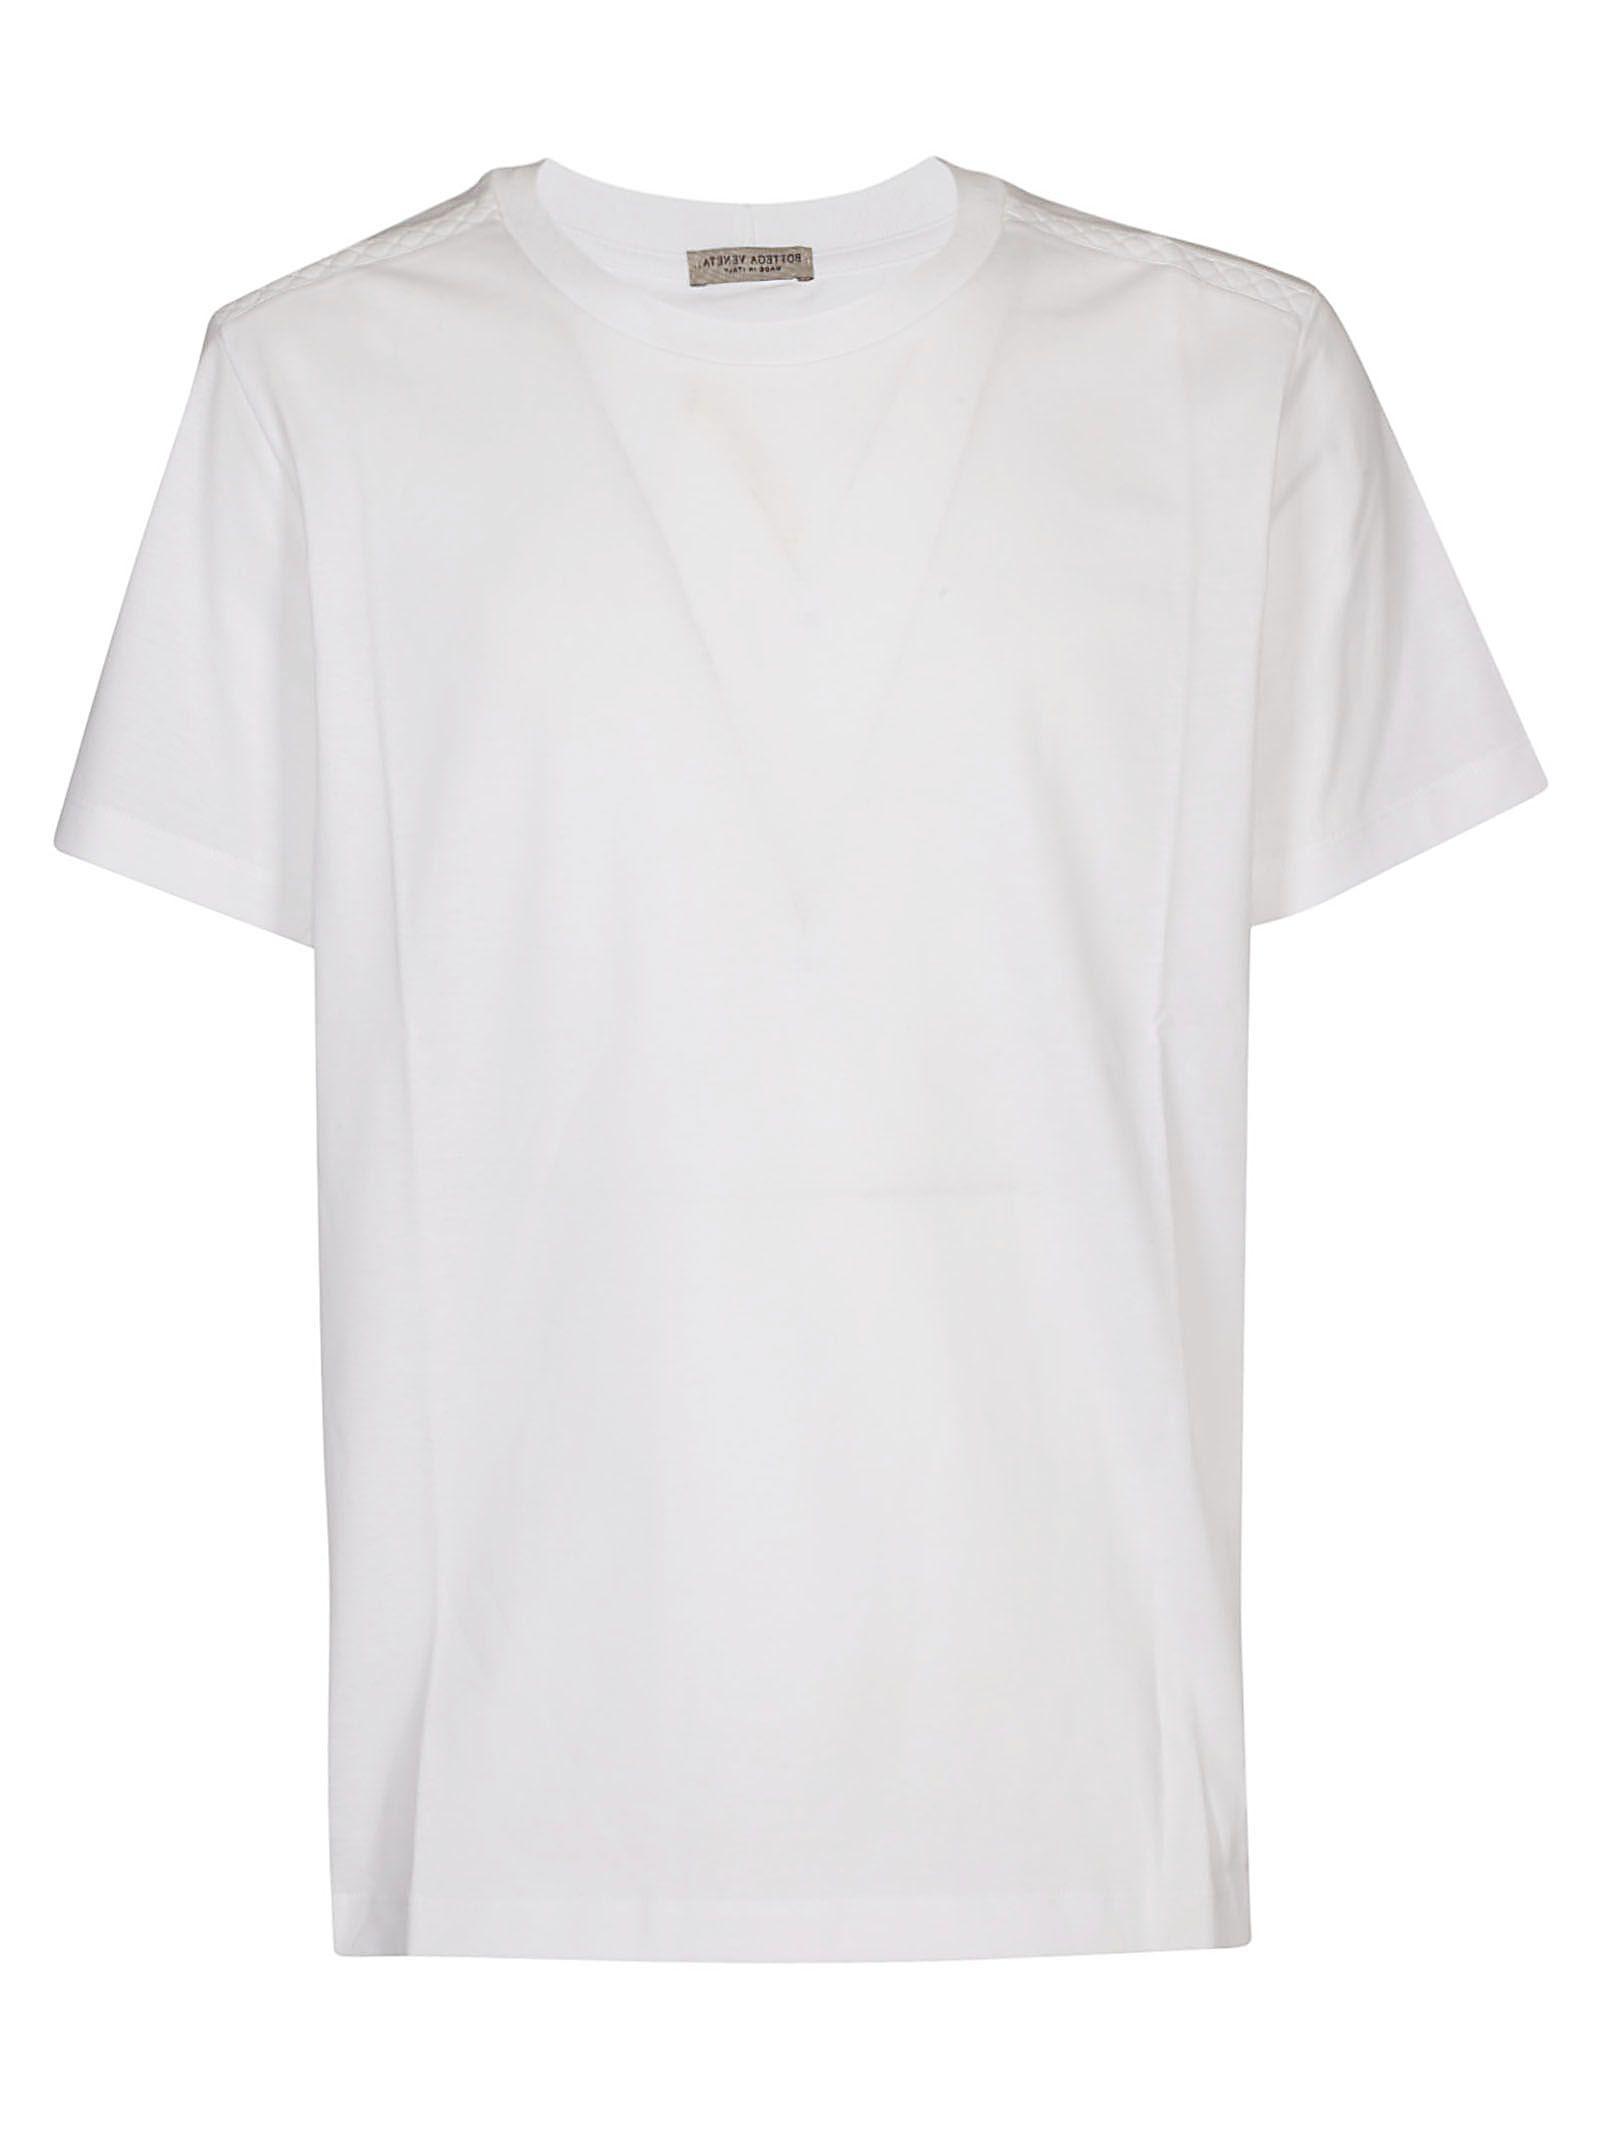 095b6d1448d6b Bottega Veneta Round Neck T-Shirt In White | ModeSens